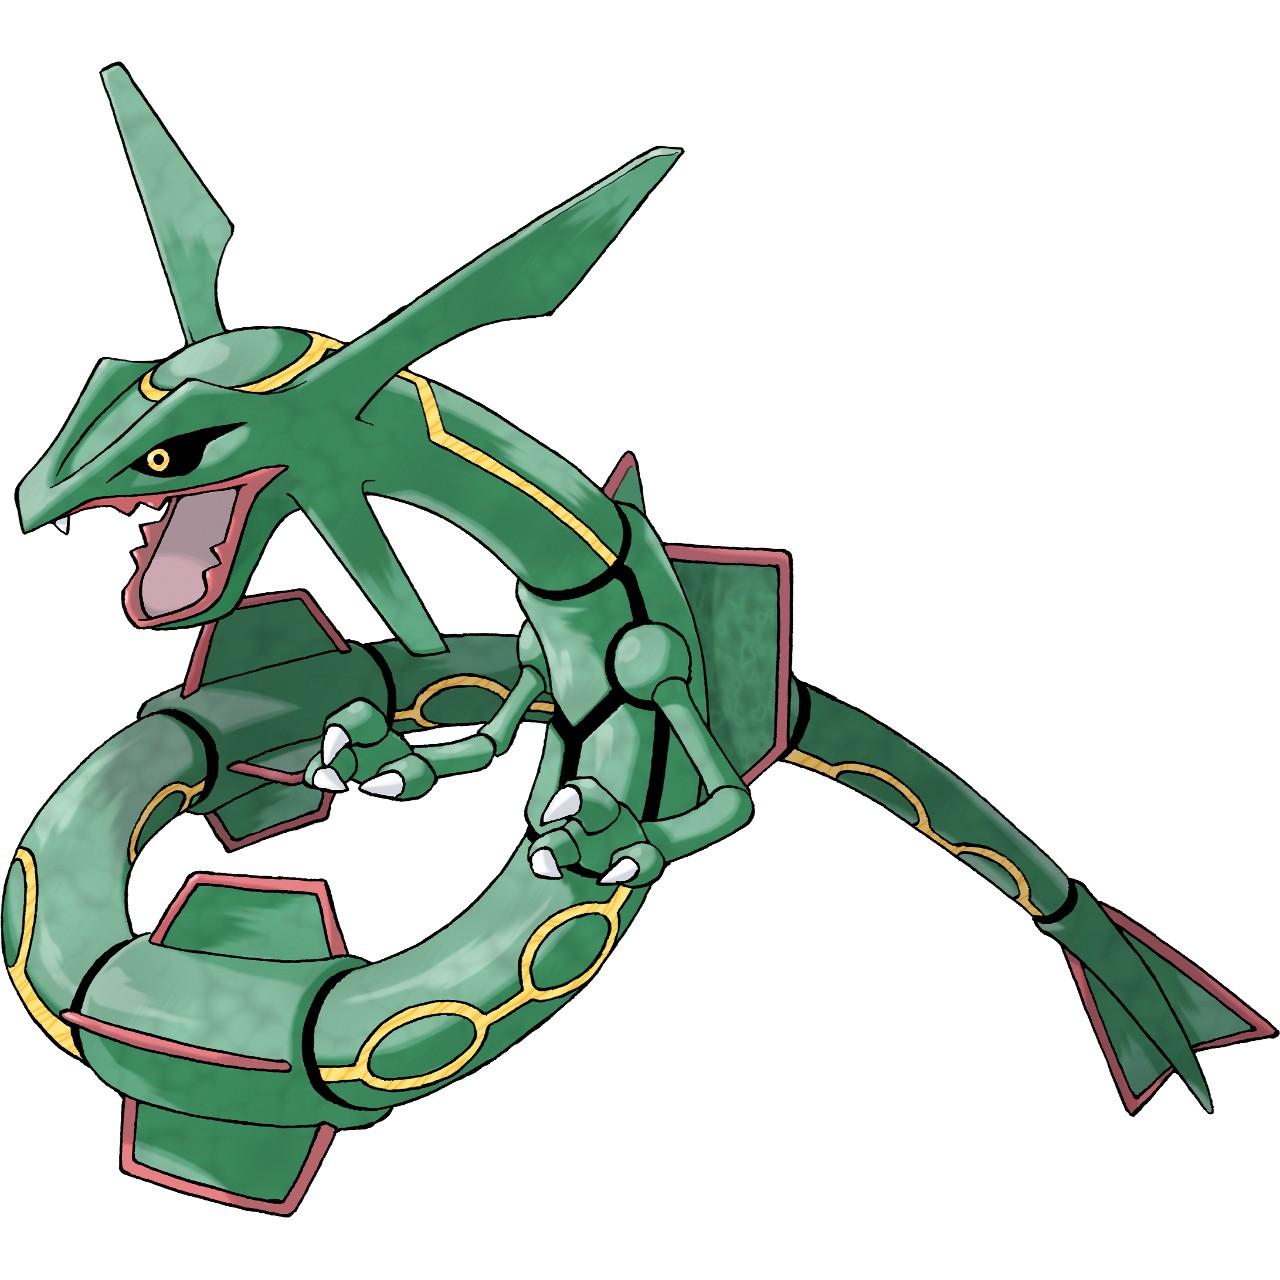 Trouve le Pokémon avec l'image (2)